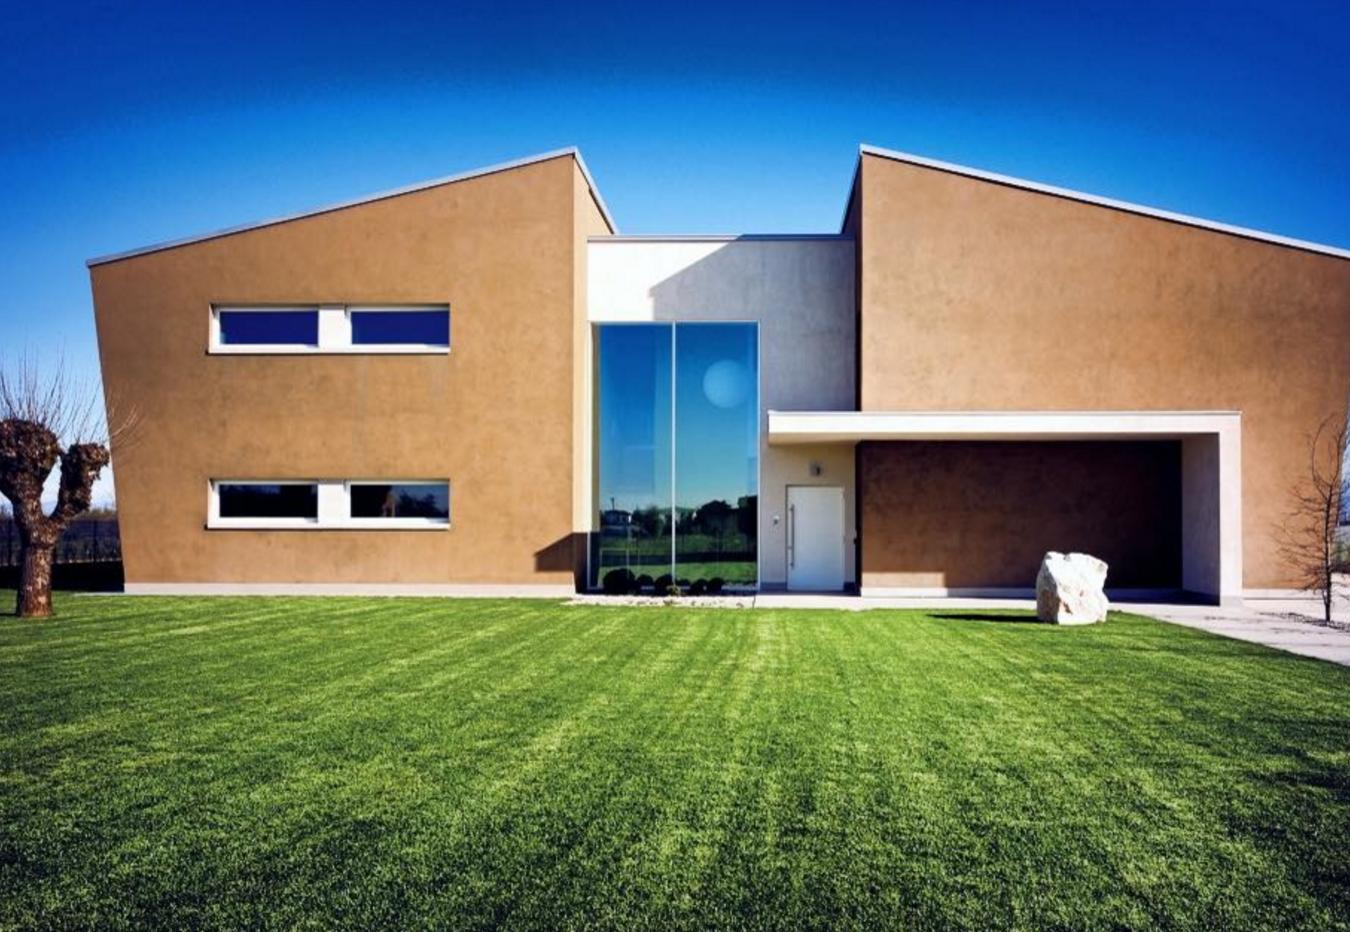 Case legno moderne case in legno moderne copertura con for Strutture case moderne